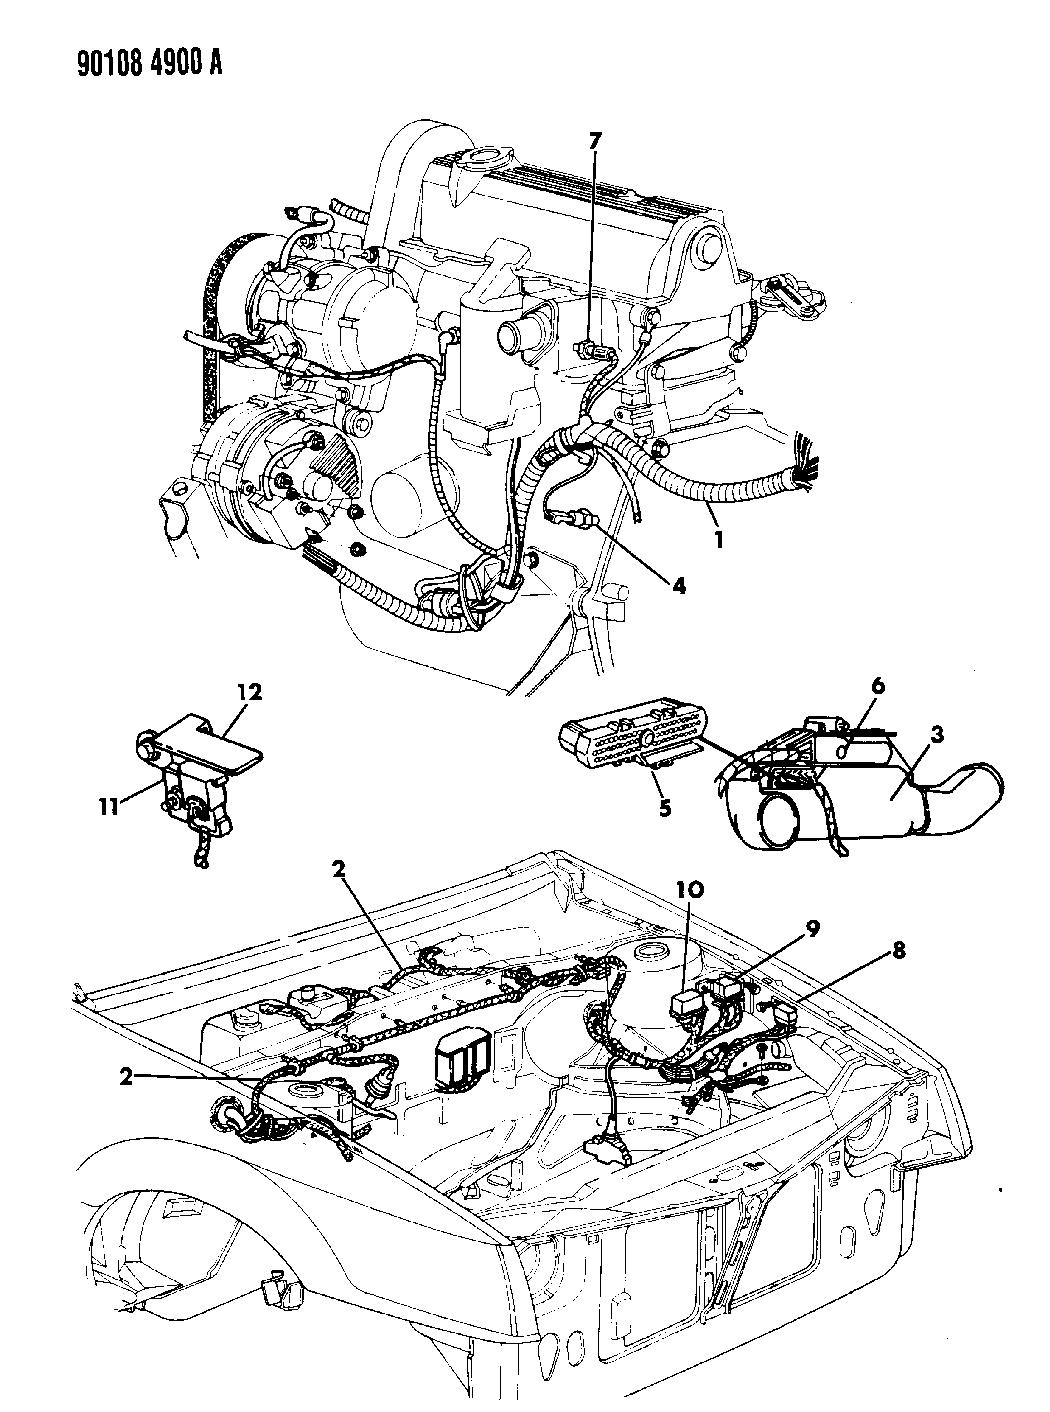 1990 Dodge Shadow Wiring - Engine